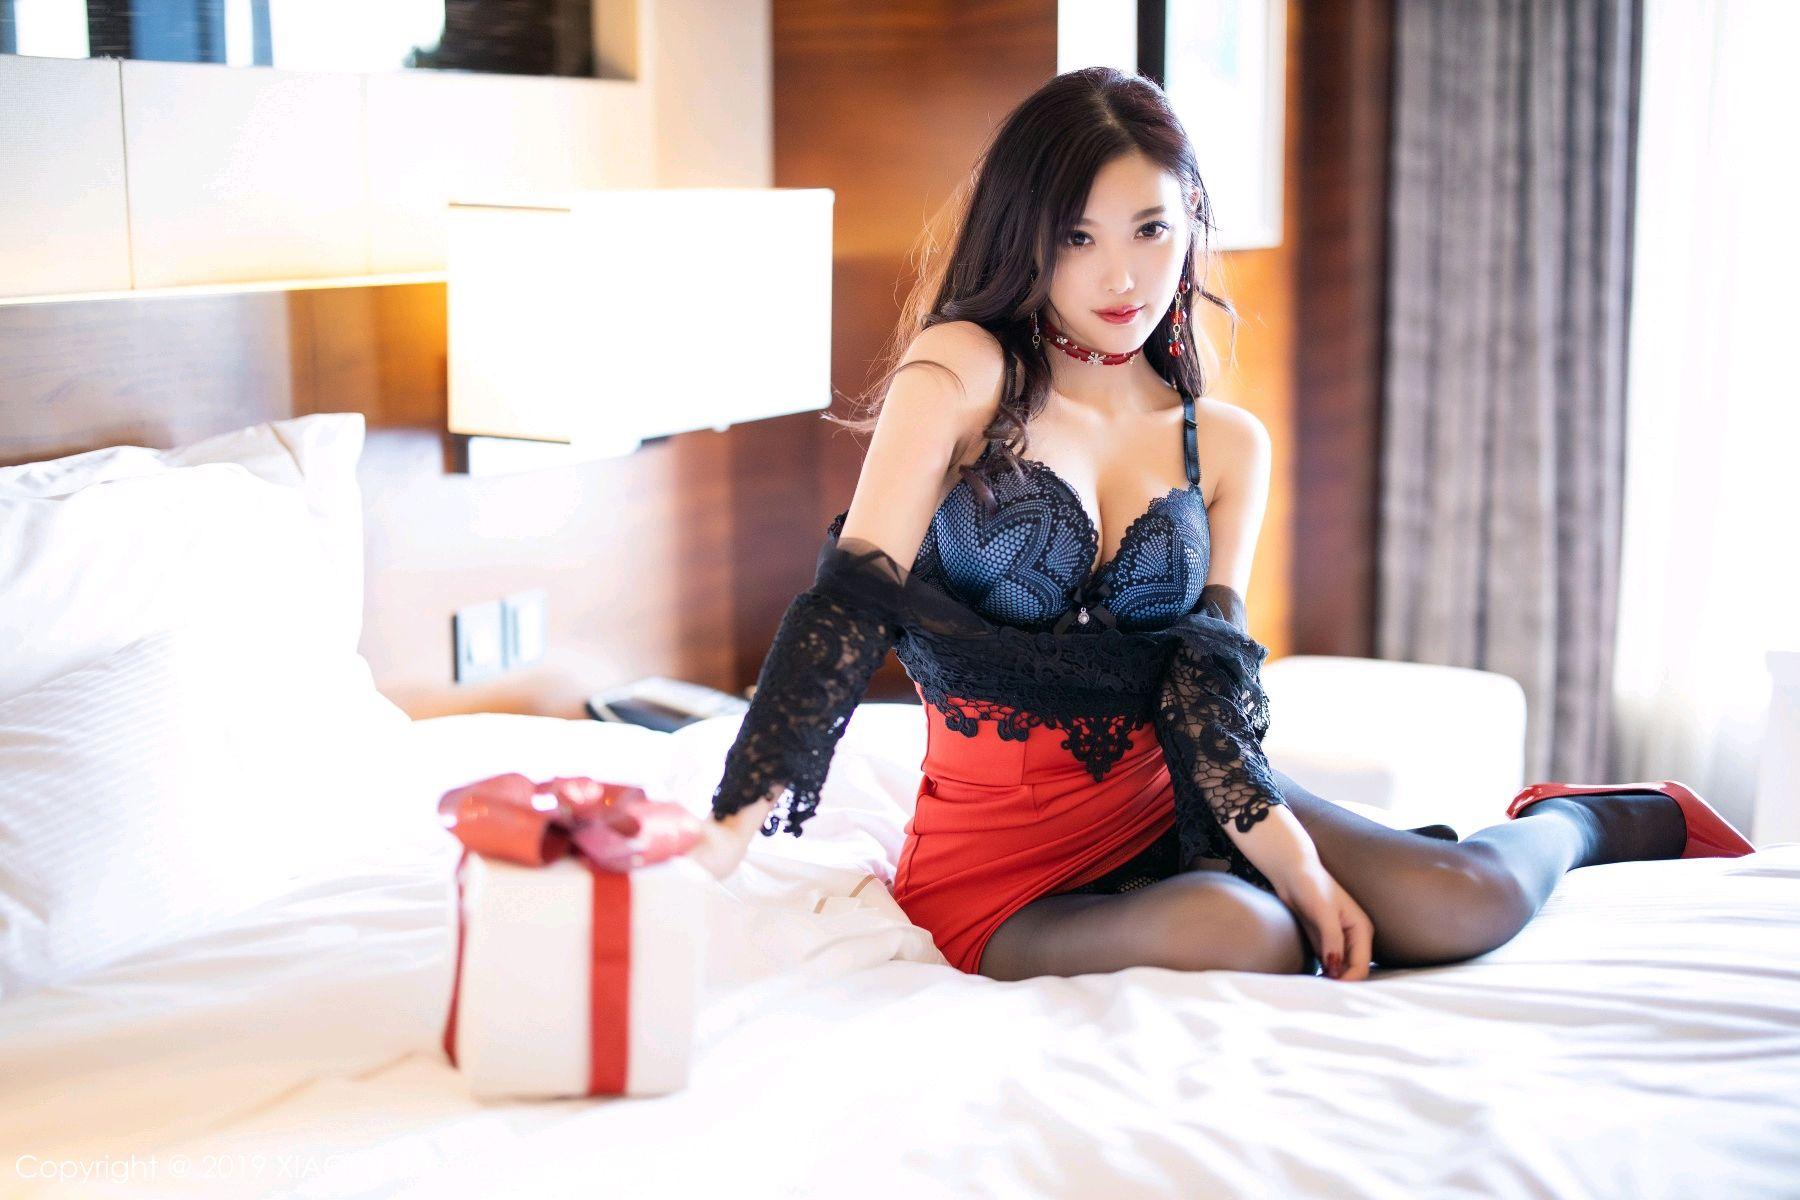 [XiaoYu] Vol.225 Yang Chen Chen 64P, Christmas, Underwear, XiaoYu, Yang Chen Chen